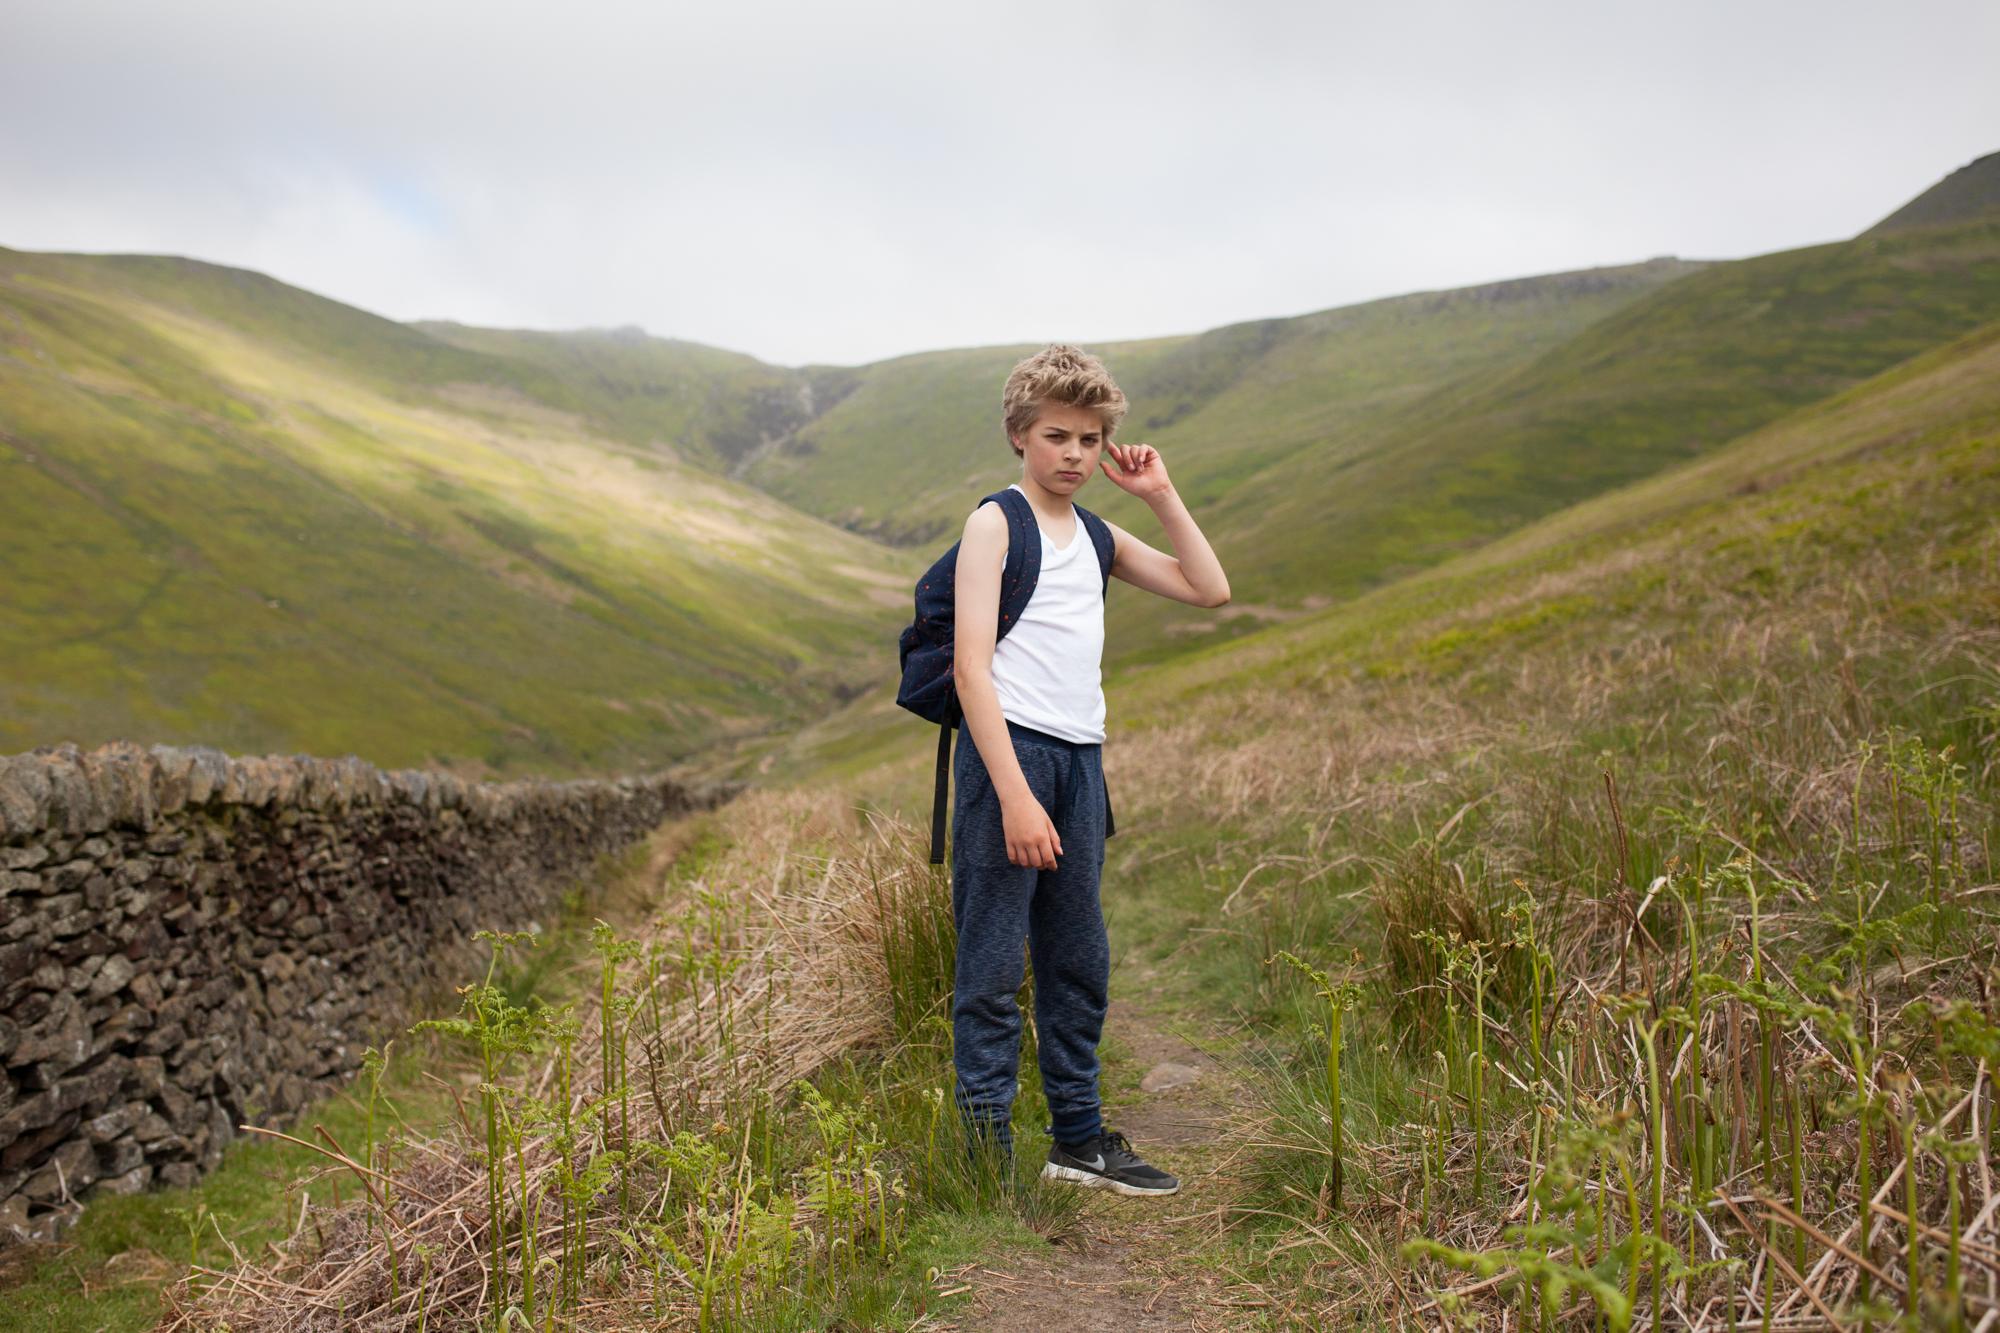 kinder scout, Edale, Derbyshire portrait